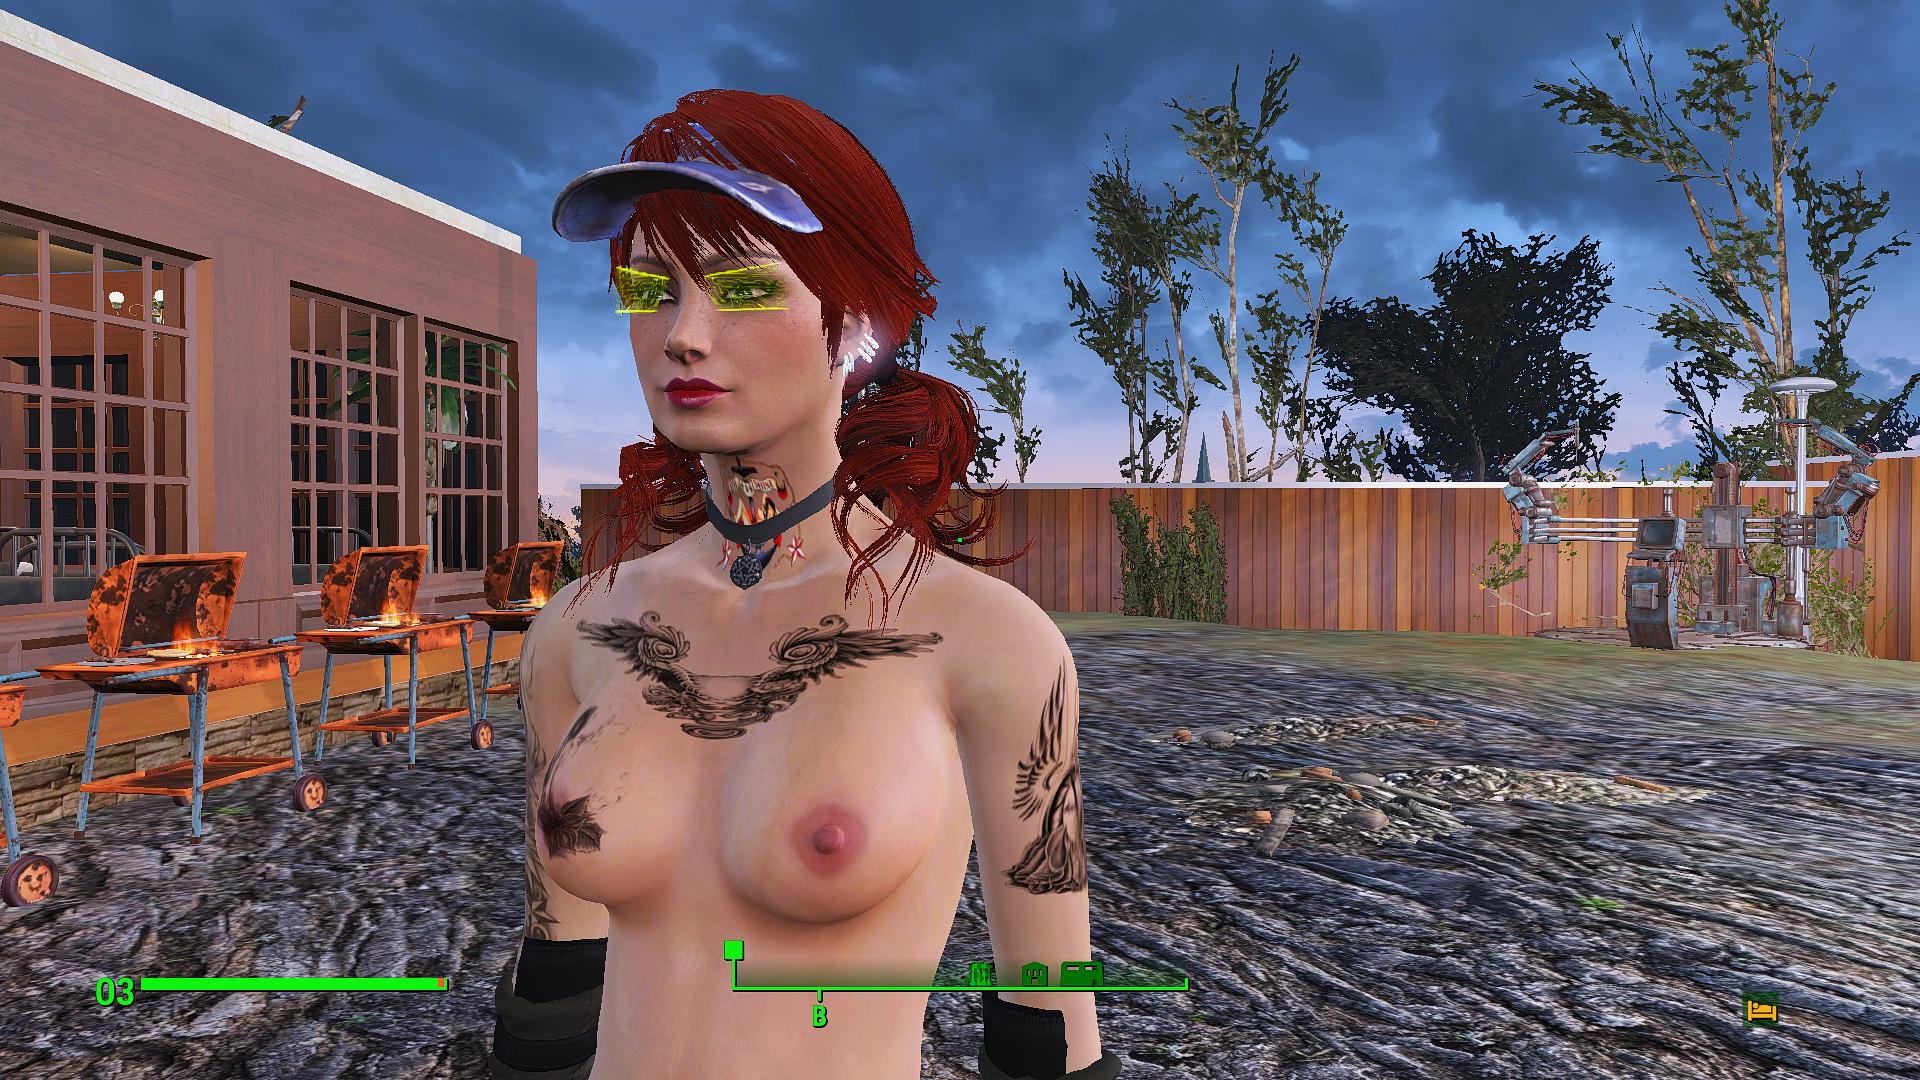 Fallout 4 Screenshot 2020.06.25 - 18.23.37.40.png